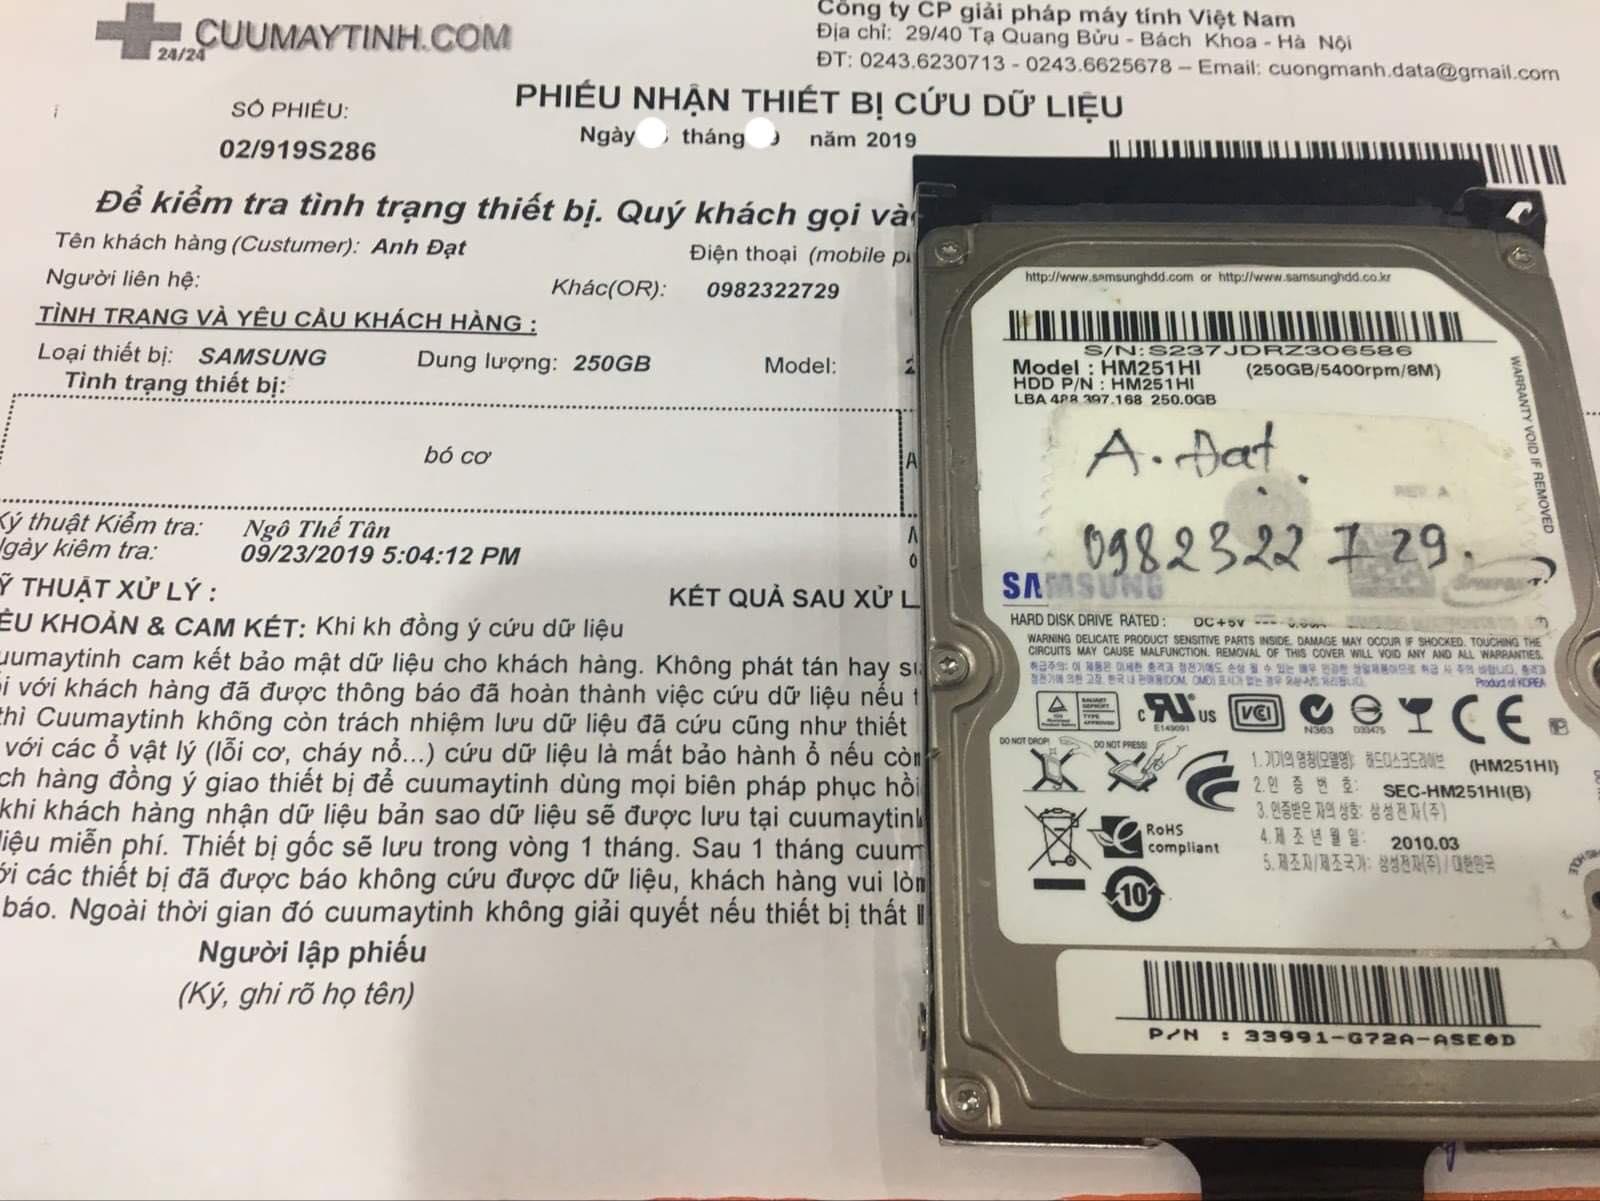 Cứu dữ liệu ổ cứng Samsung 250GB bó cơ 07/10/2019 - cuumaytinh